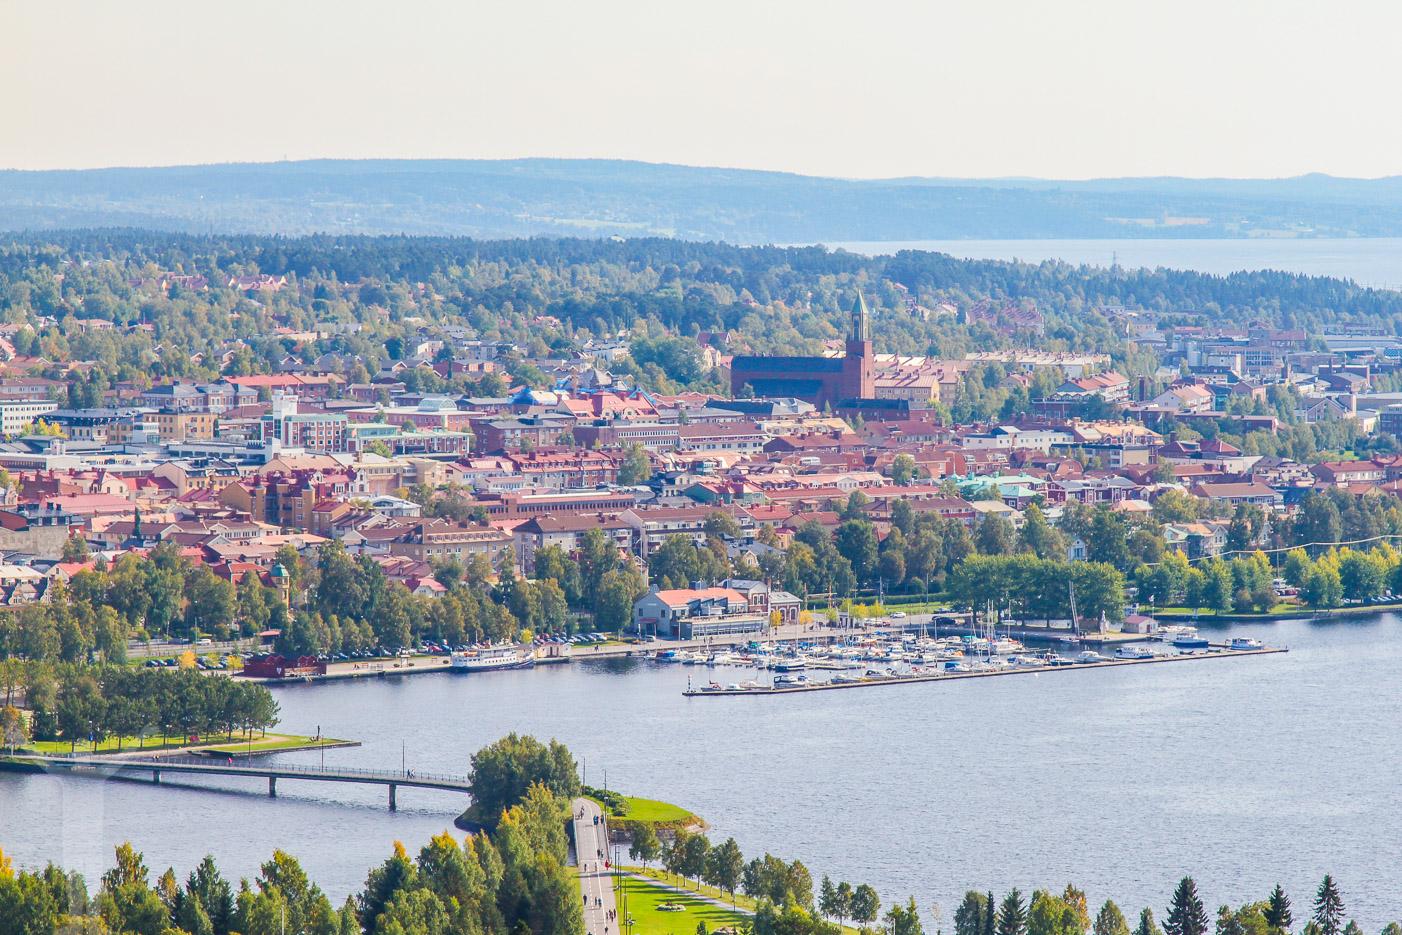 Utsiktsplatsen på Frösön / Östberget